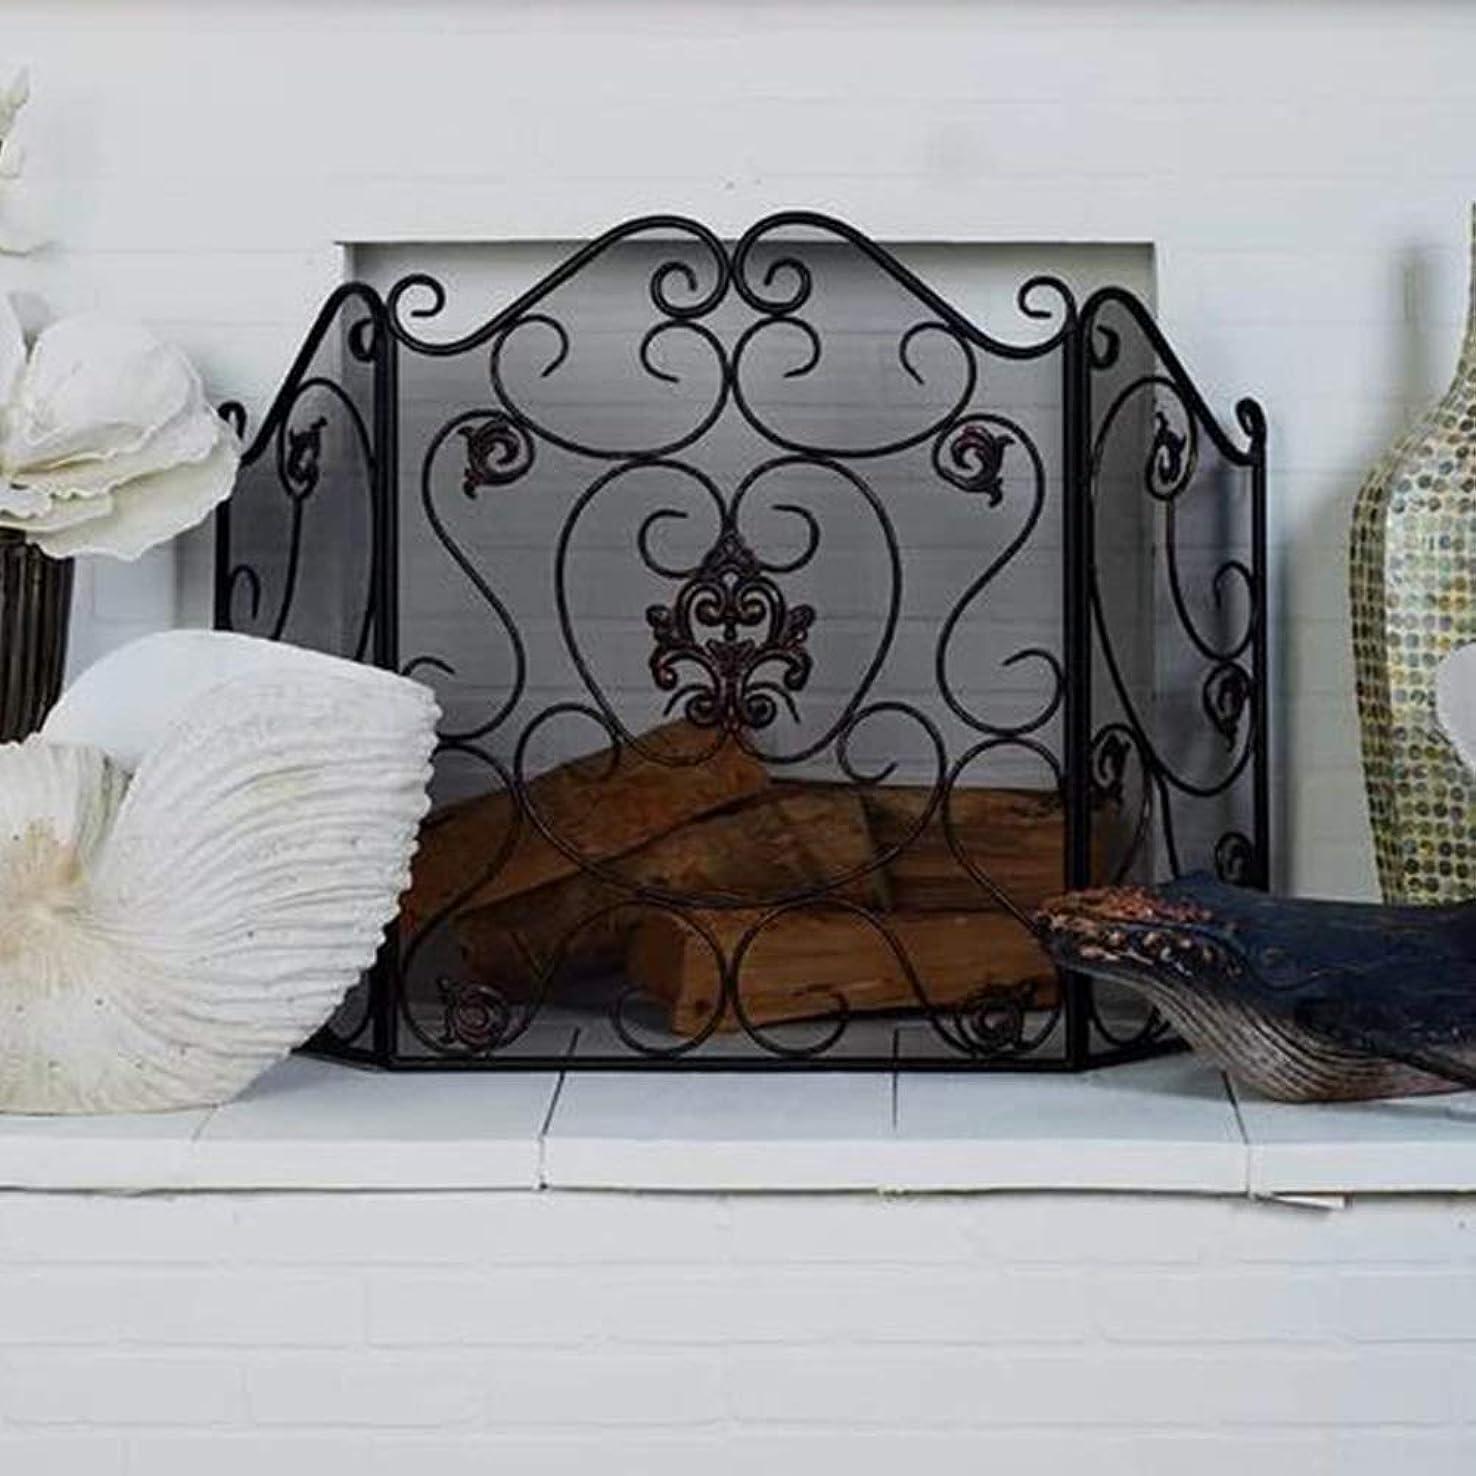 そよ風メーカーマグYXX-暖炉スクリーン 3パネル 夏の装飾のための暖炉メッシュスクリーン、 ラージベビープルーフスパークガード、 ブラック 猫のための暖炉のフェンス